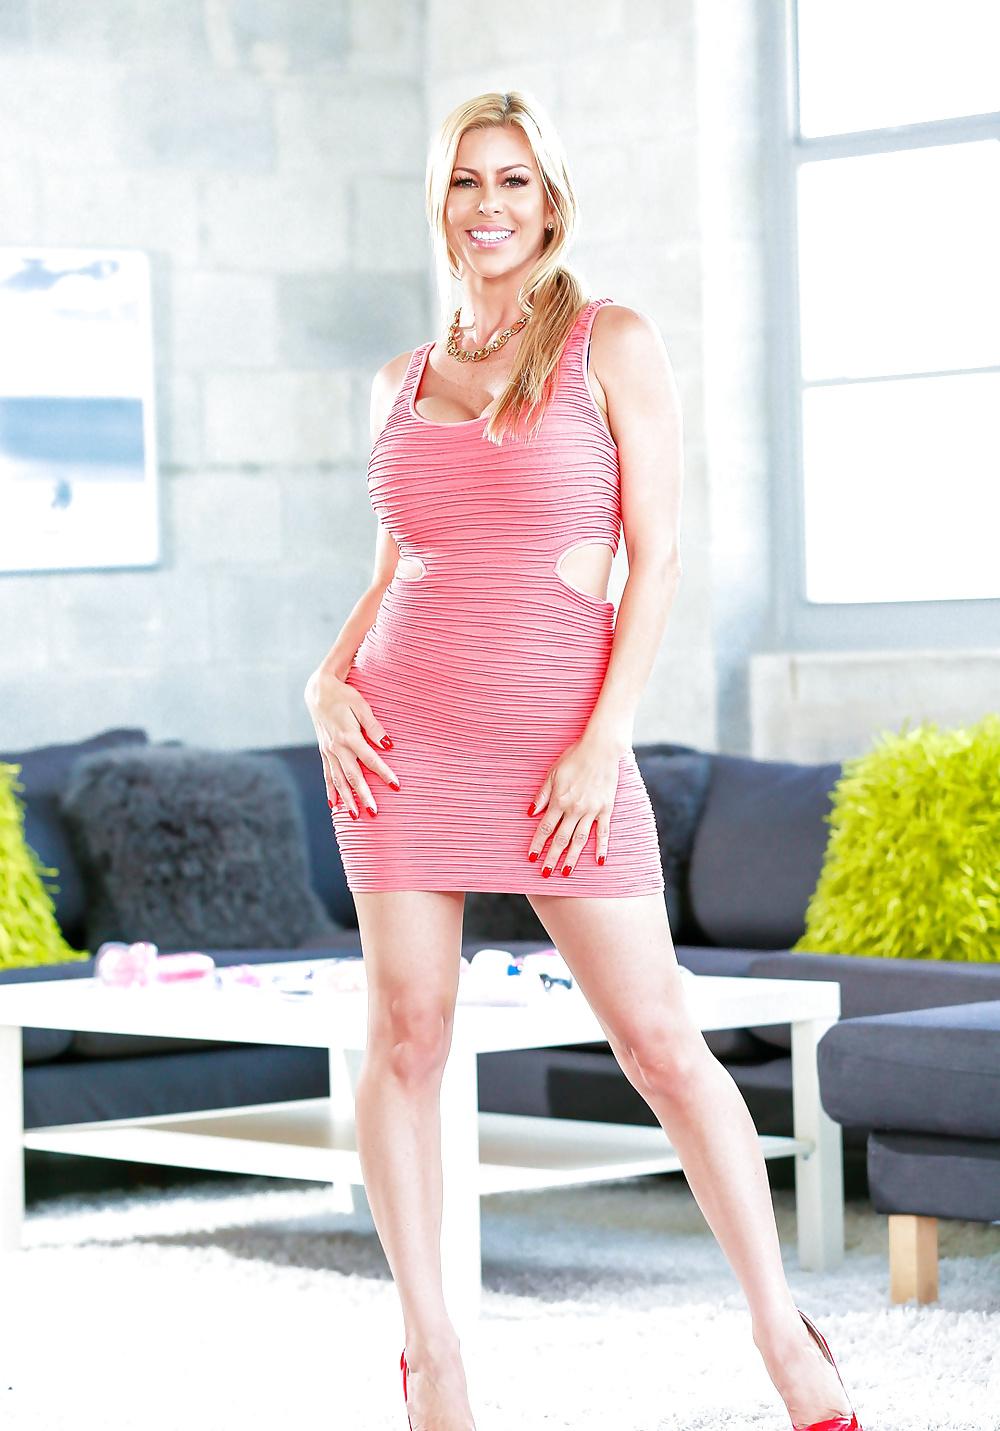 Blonde Schlampe hat helle Haut und spannende Muschi. - Bild 4